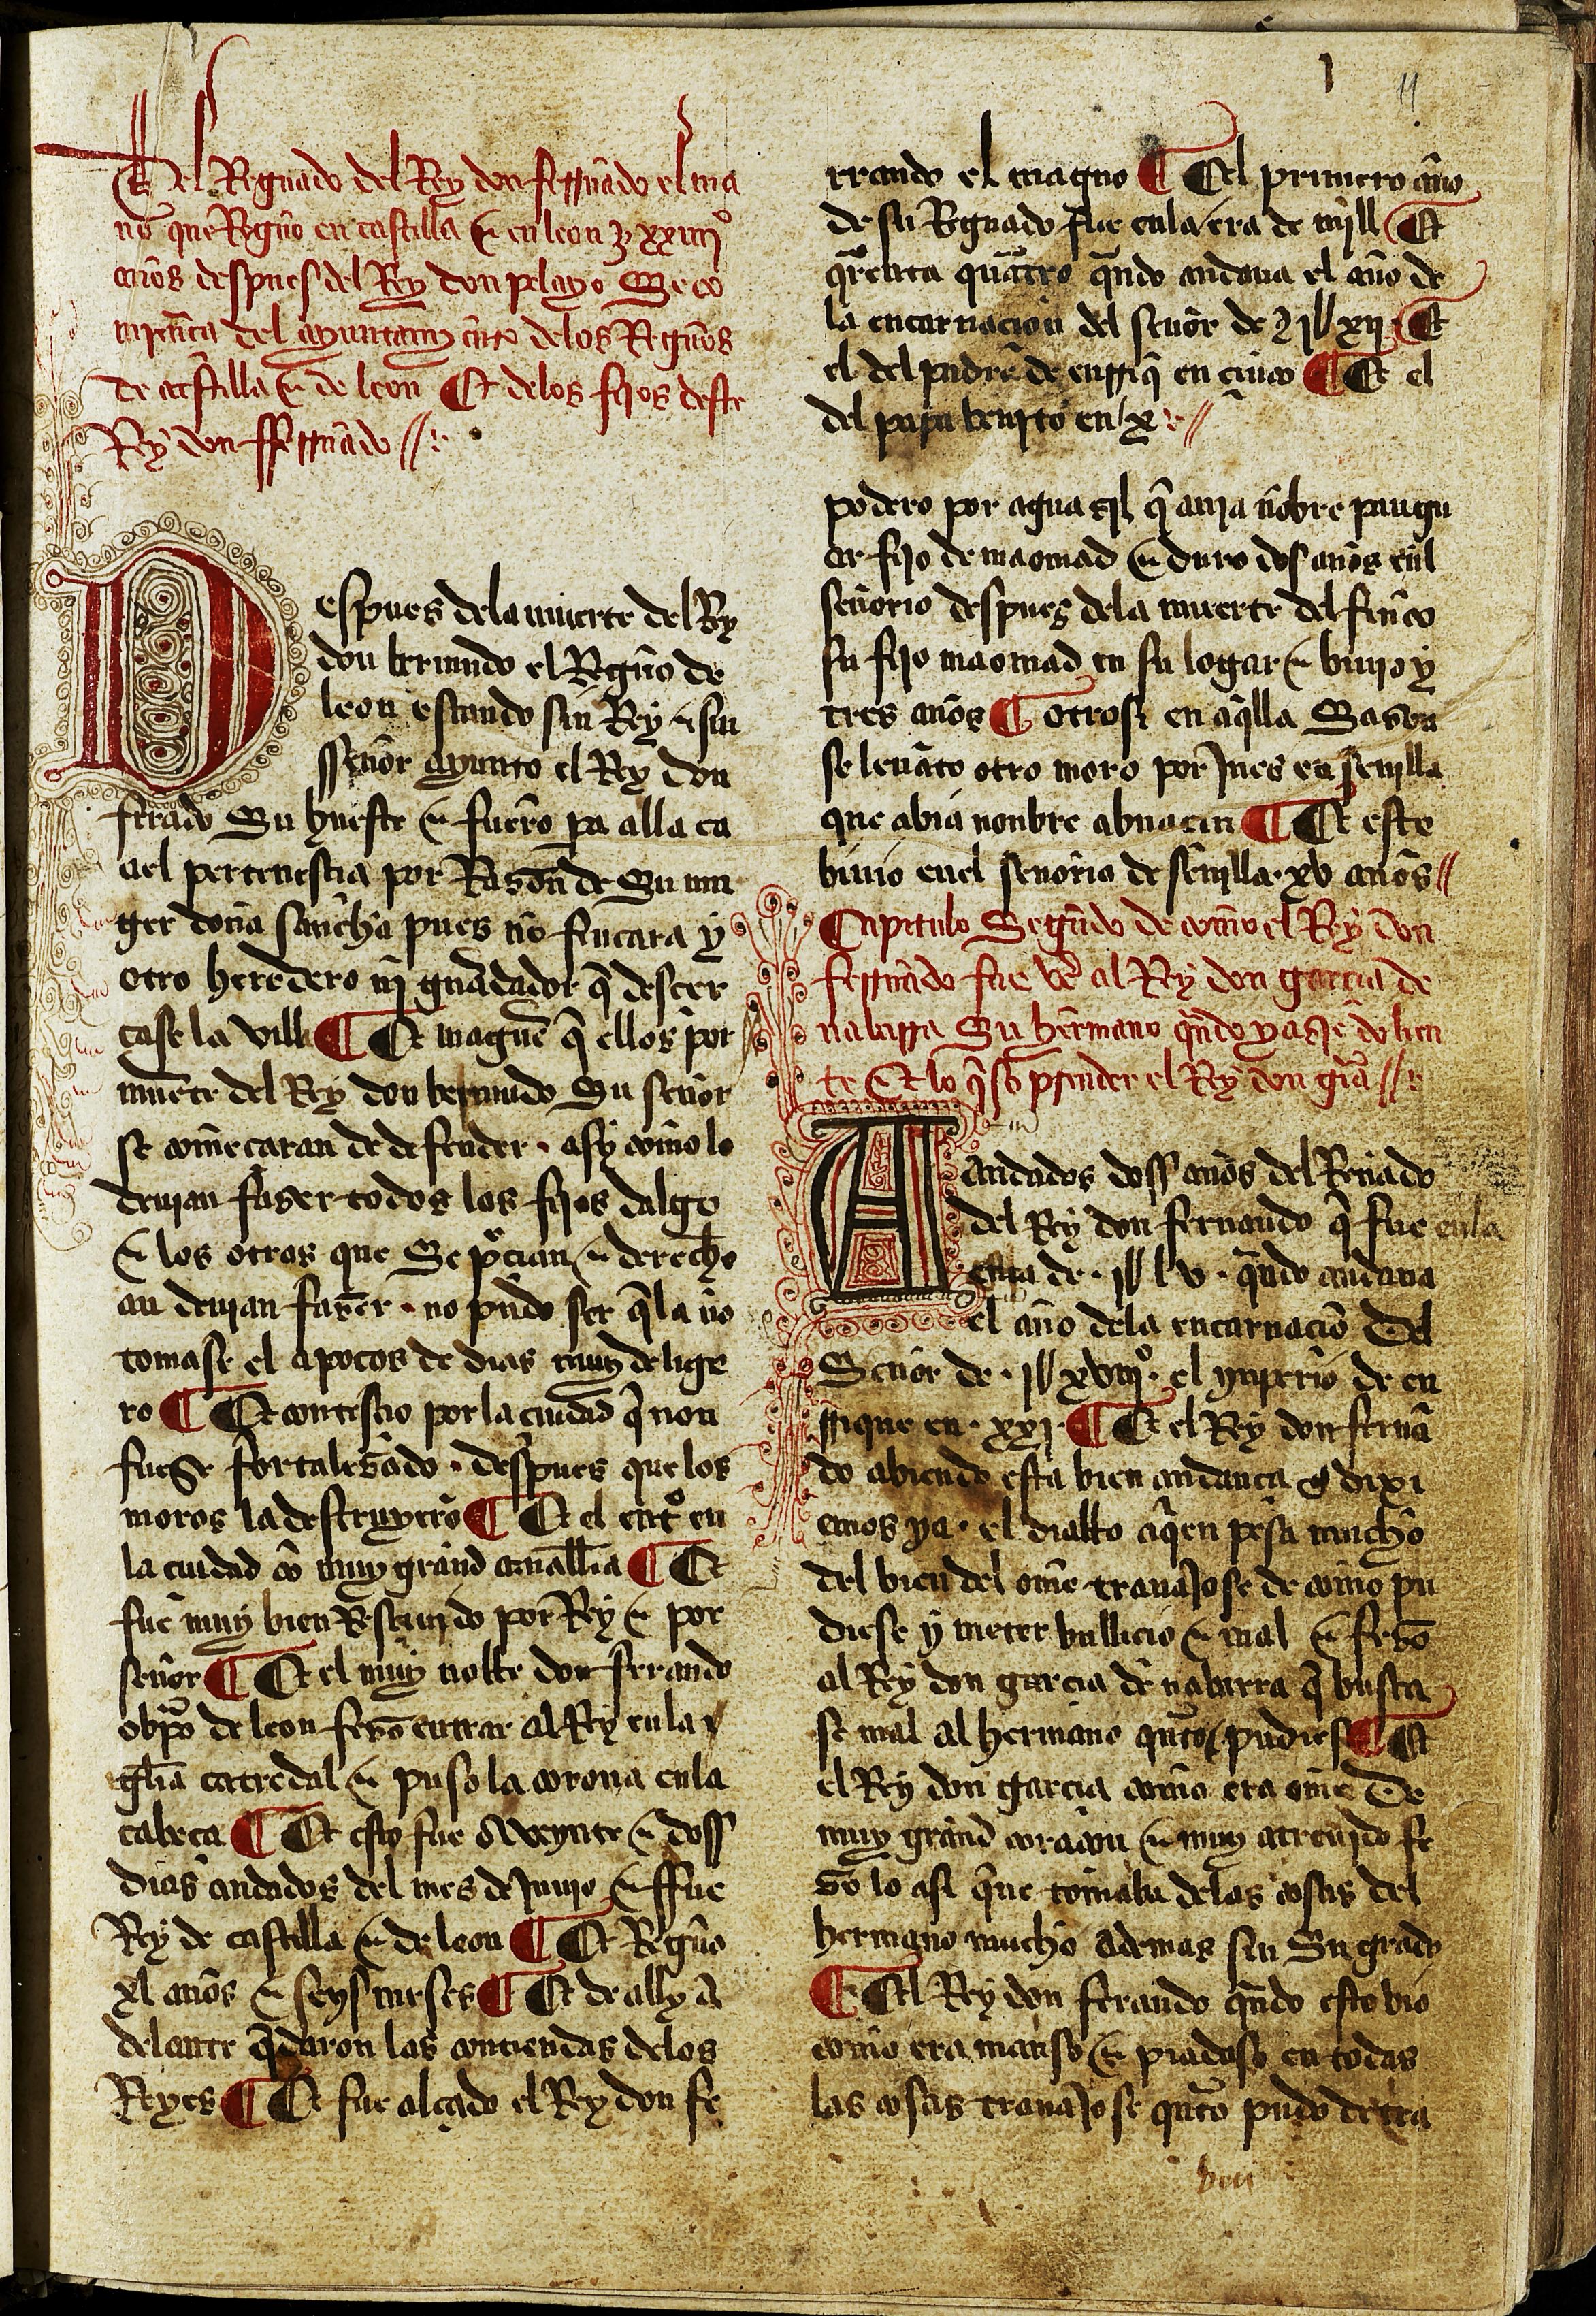 El VIII Centenario reúne por primera vez en una exposición los manuscritos de la 'Estoria de España' conservados en la Biblioteca General de la Universidad de Salamanca